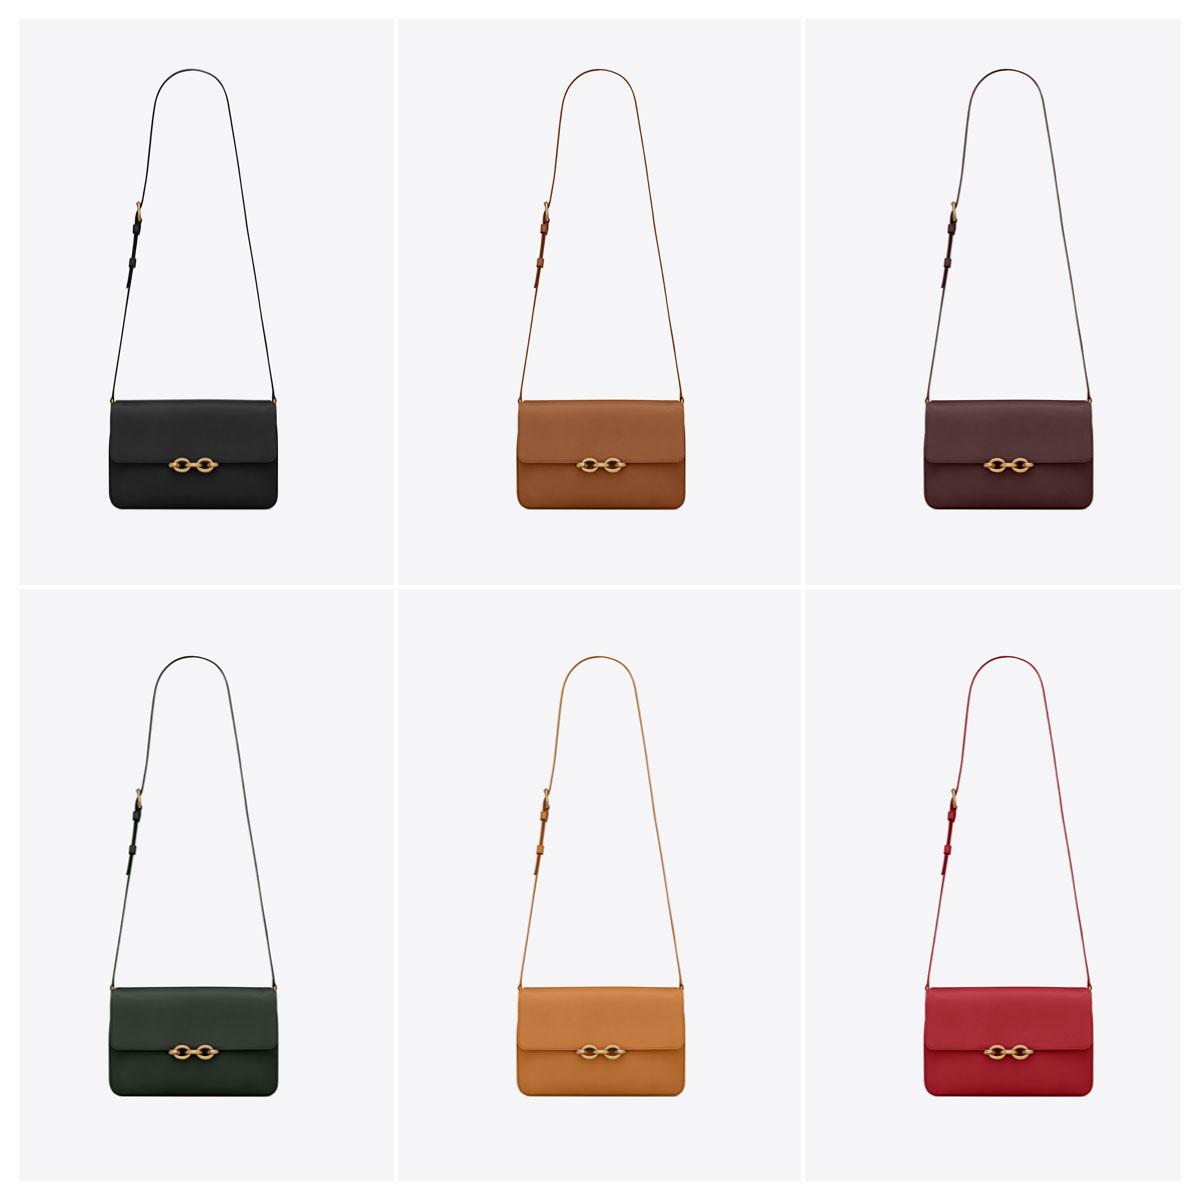 Saint Laurent ra mắt túi Maillon không logo, bị đánh giá là giống Gucci 3